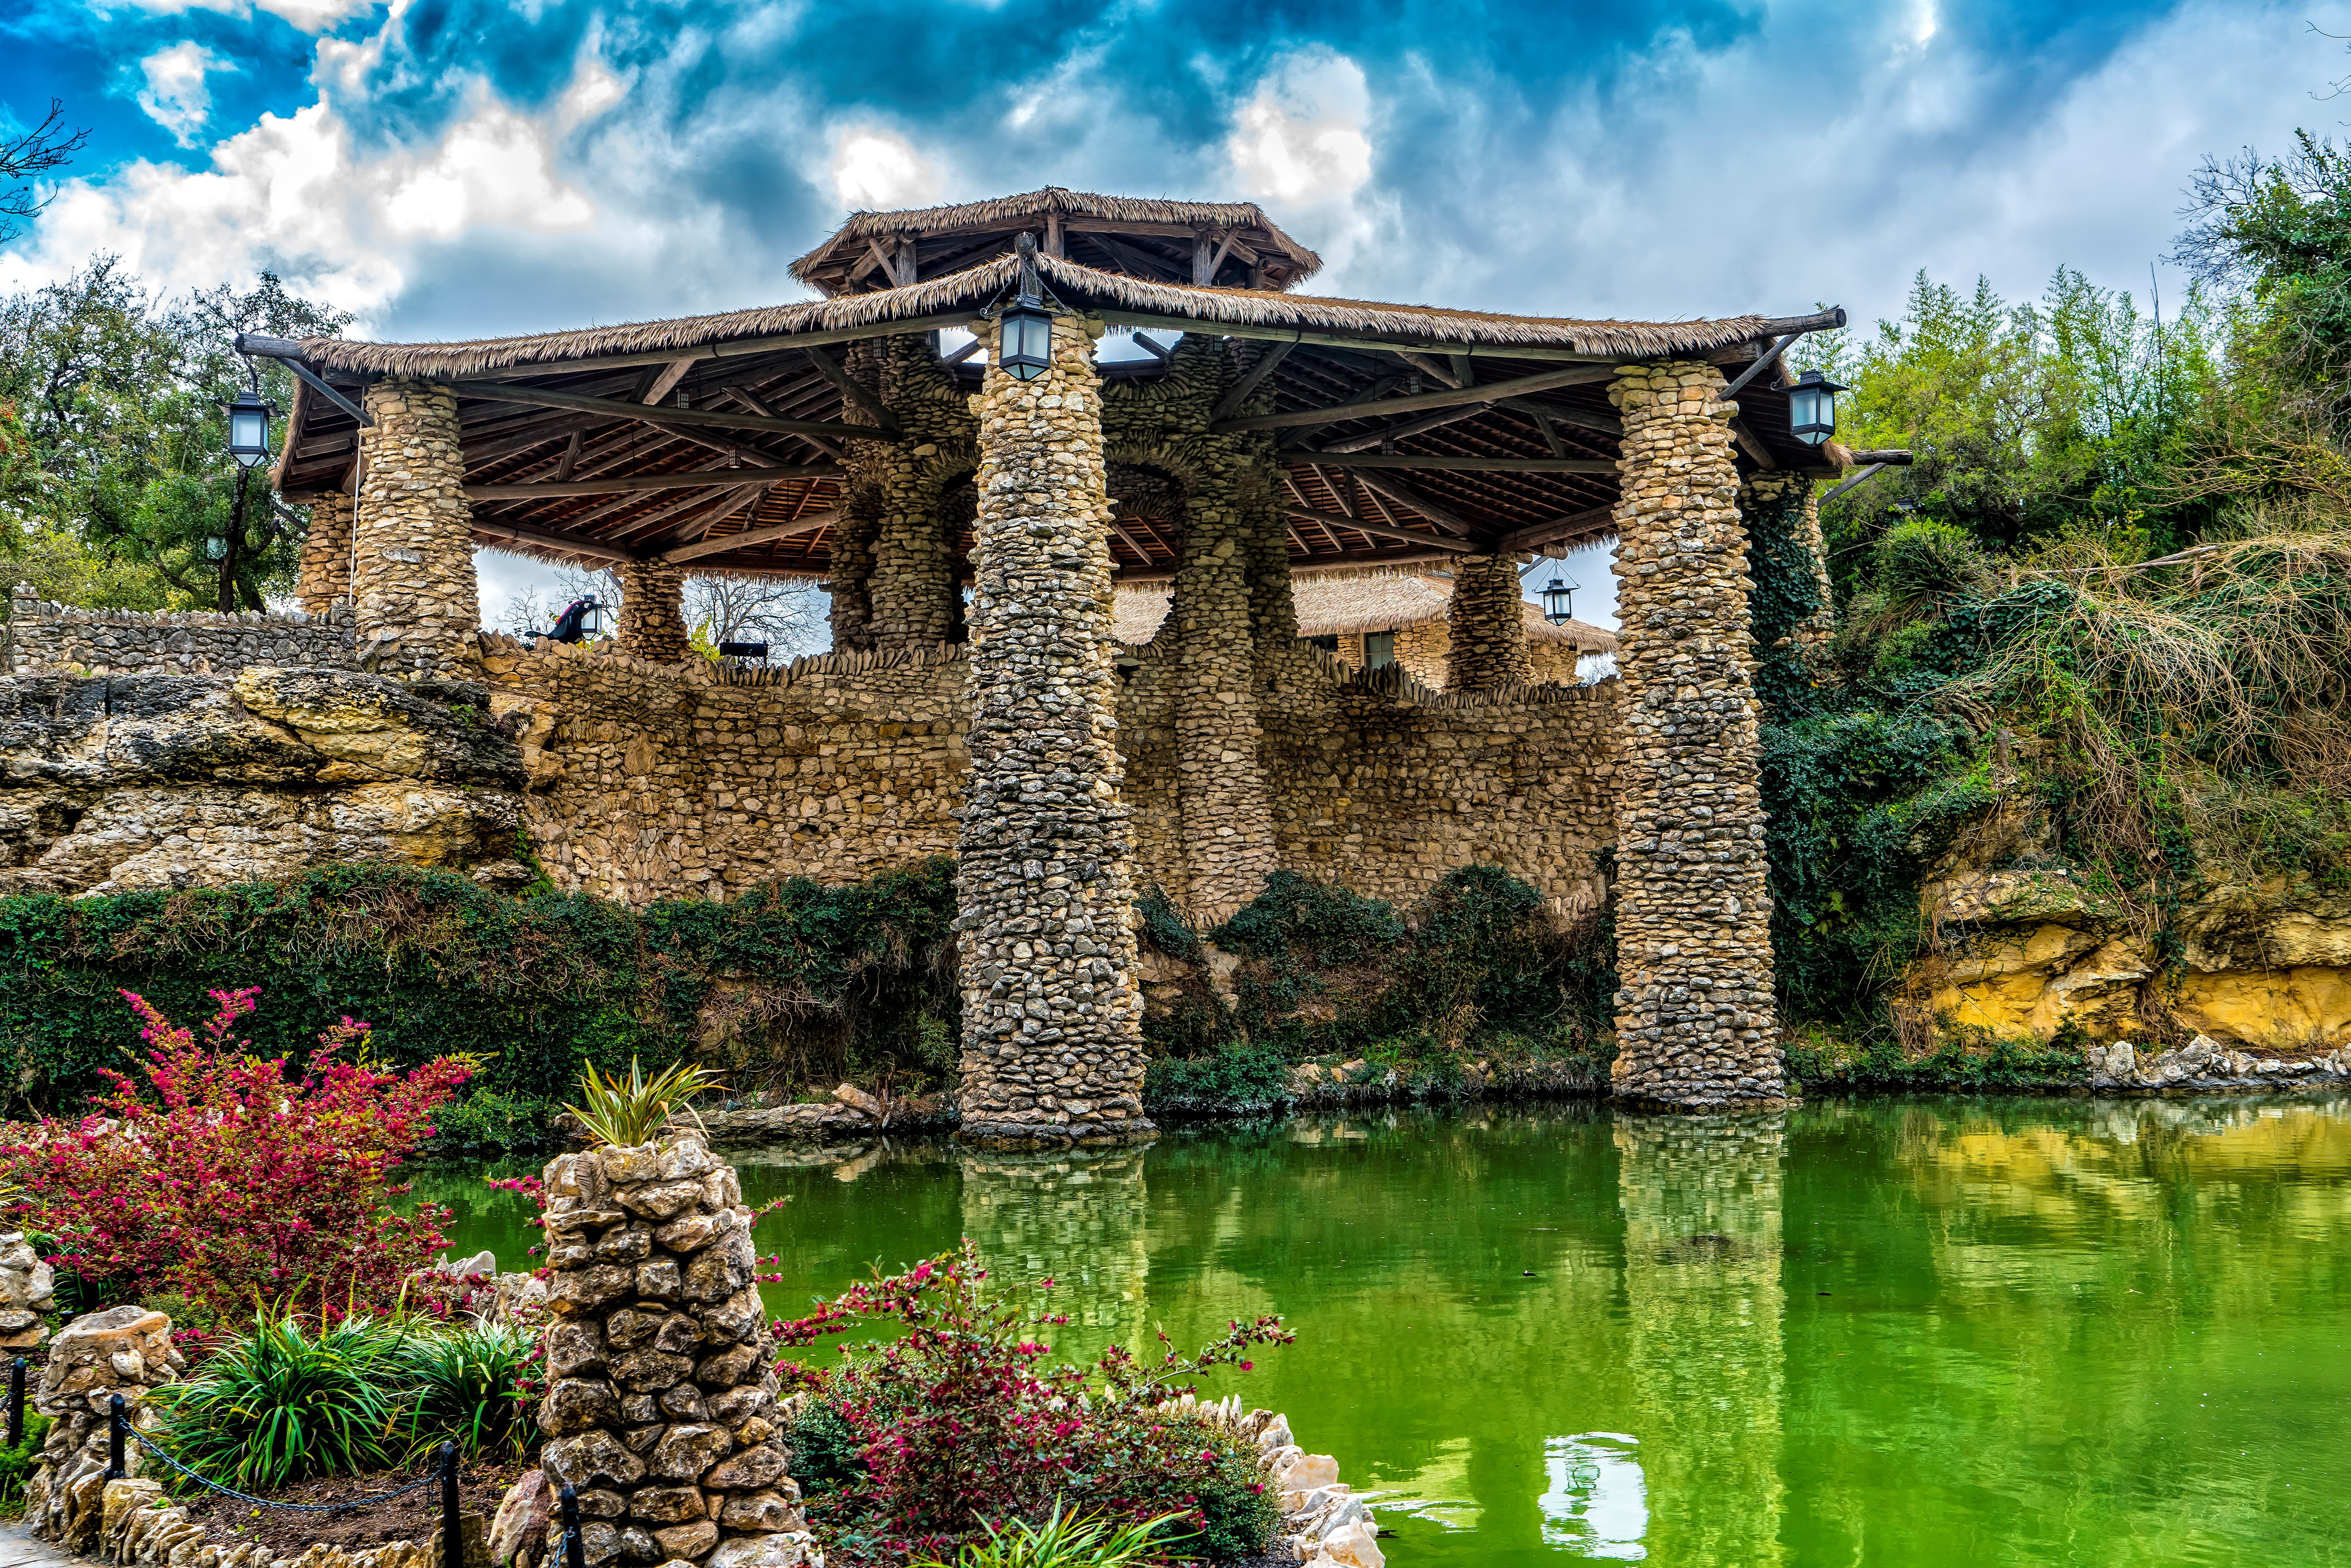 Qué Hacer en San Antonio, Japanese-Tea-Garden - Travel Report